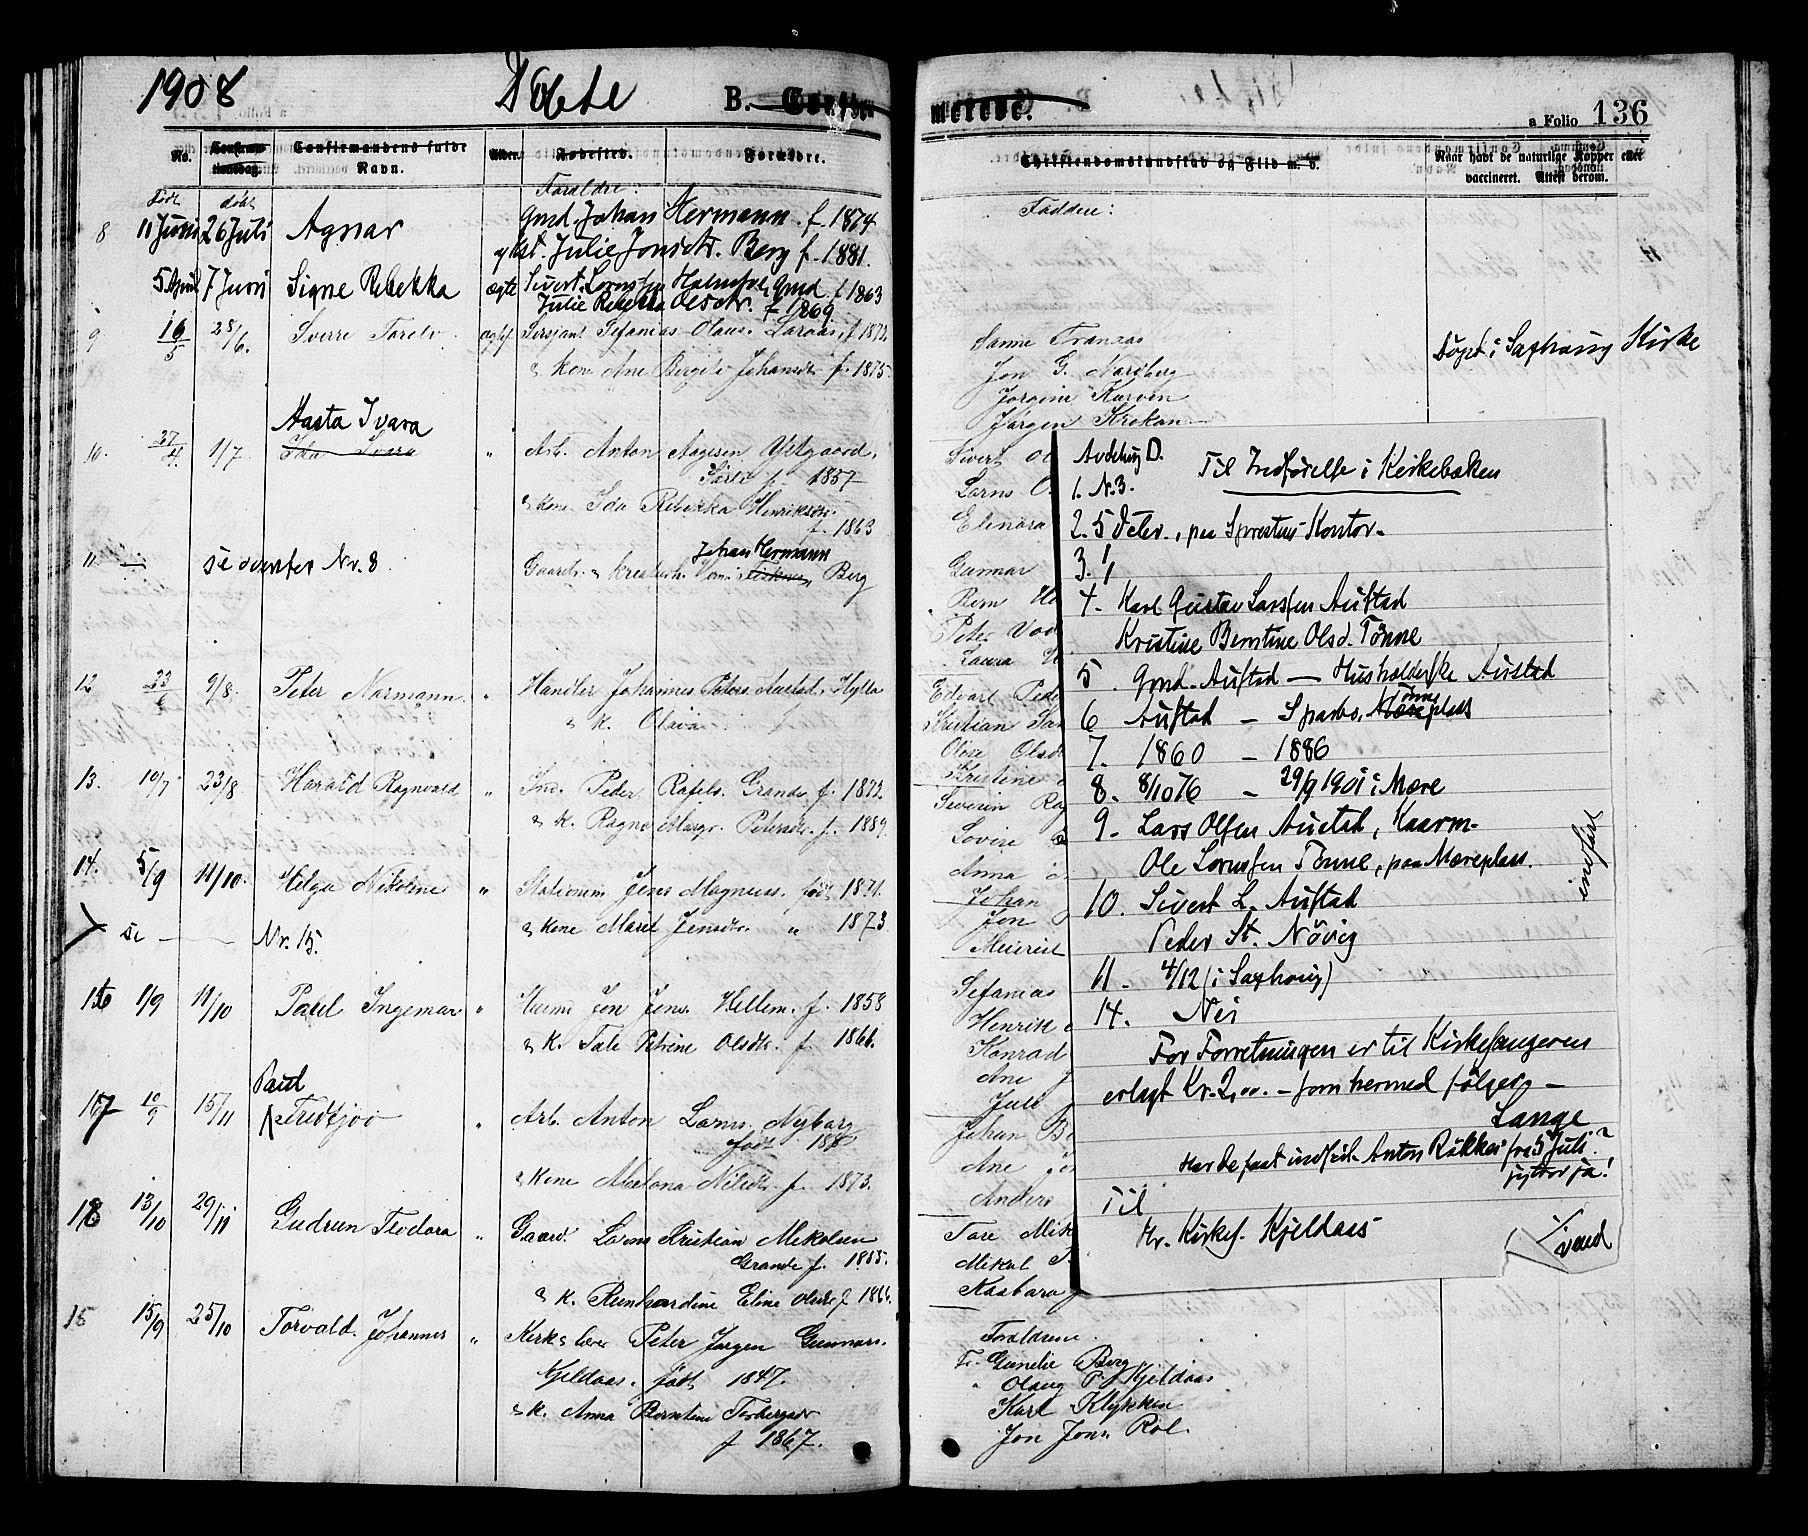 SAT, Ministerialprotokoller, klokkerbøker og fødselsregistre - Nord-Trøndelag, 731/L0311: Klokkerbok nr. 731C02, 1875-1911, s. 136